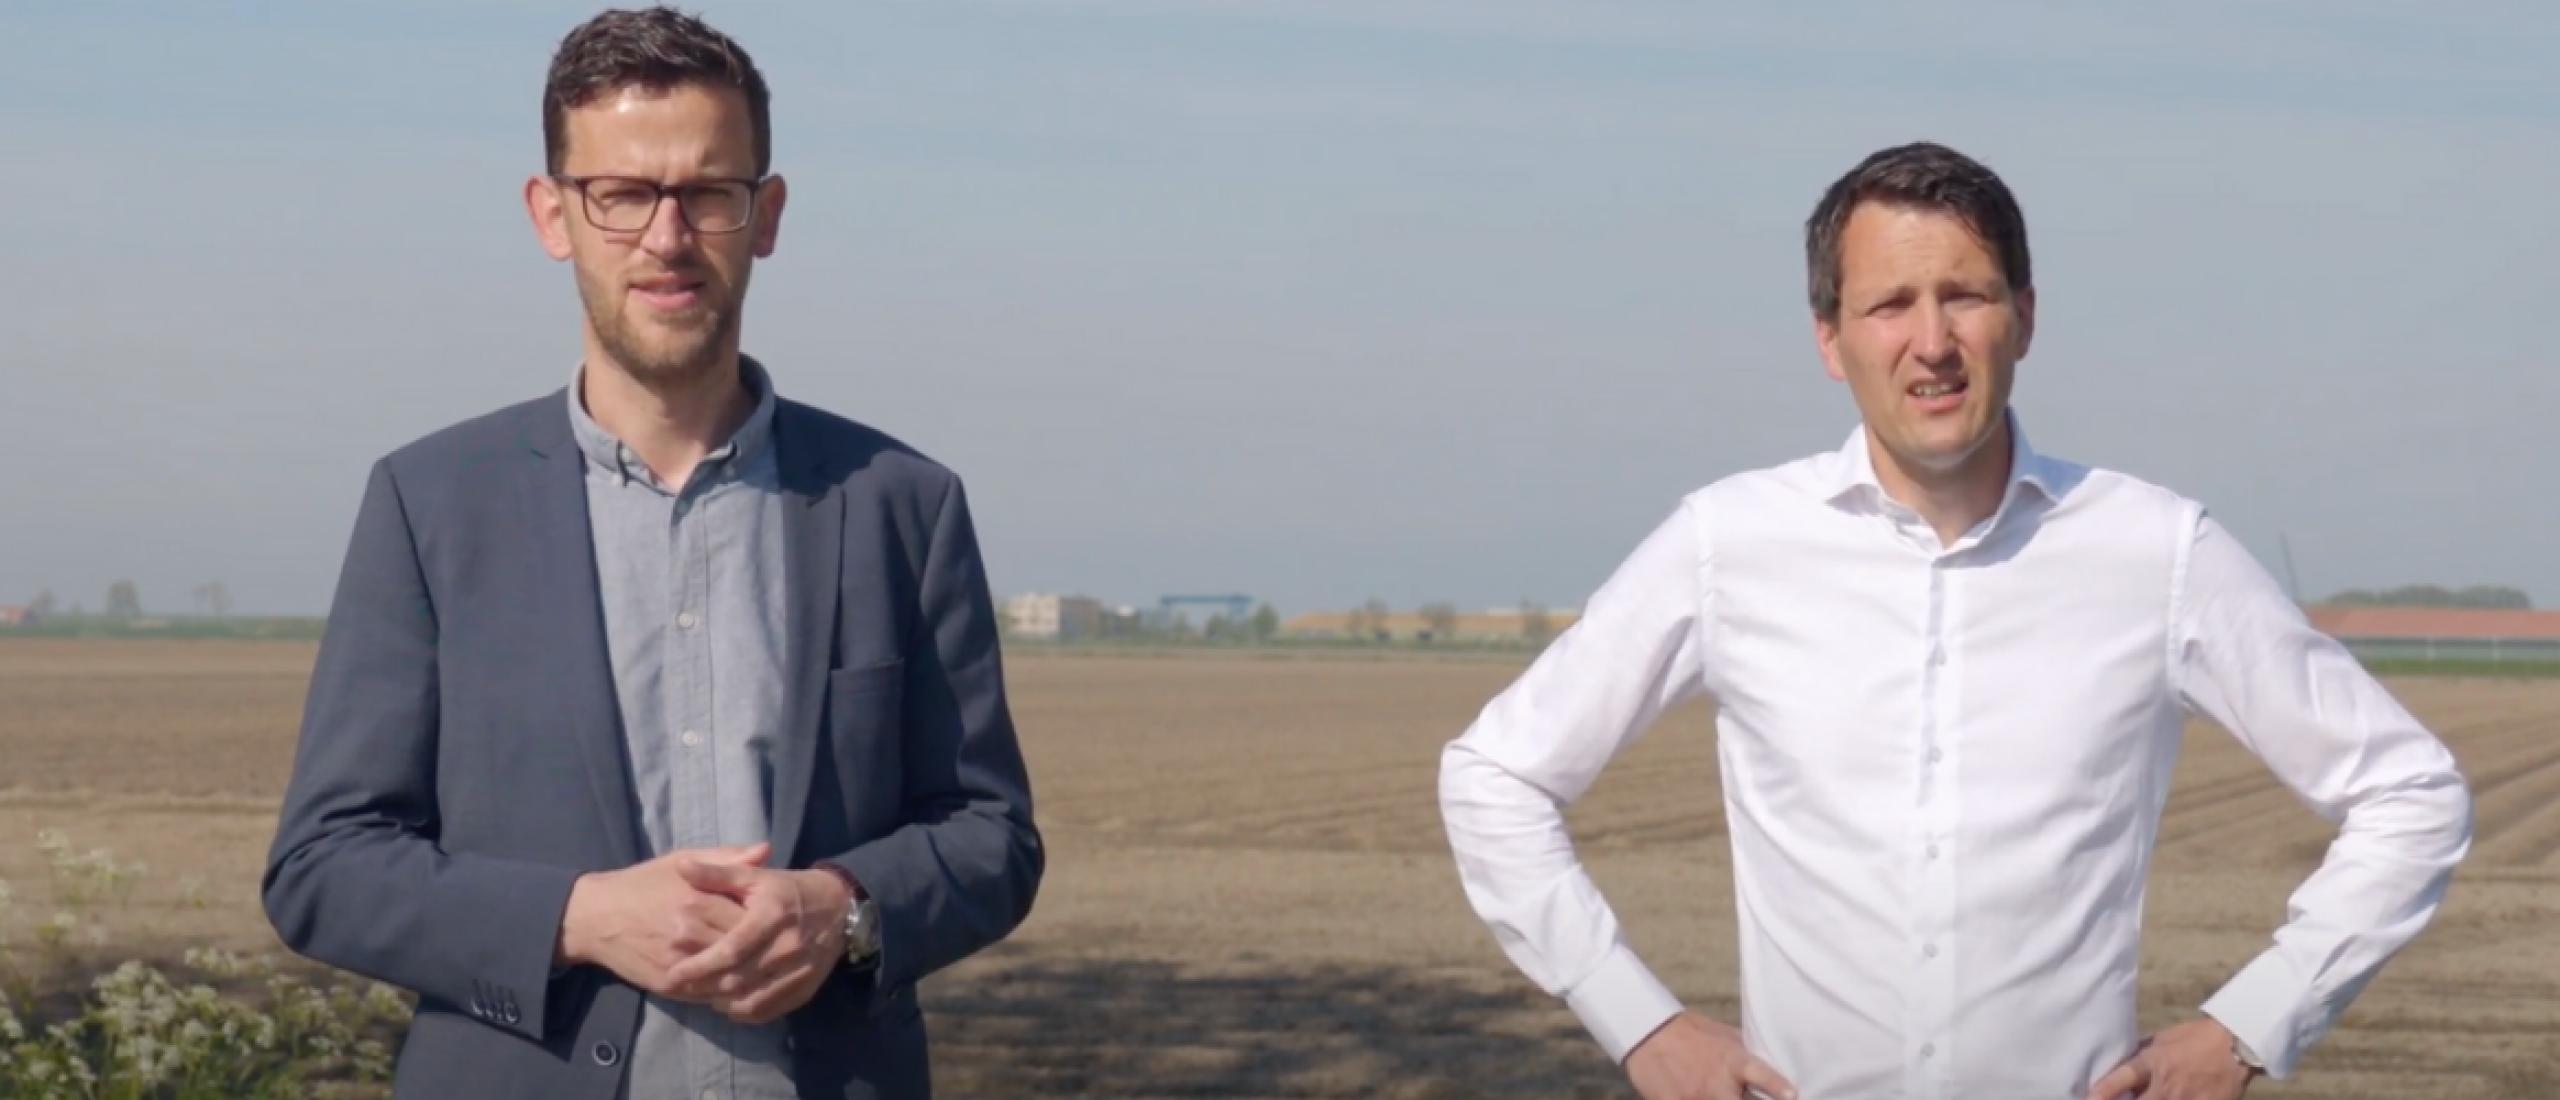 AgriSnellaad en Saman Groep stimuleren elektrisch rijden via platform 'LadeninZuidwest.nl'